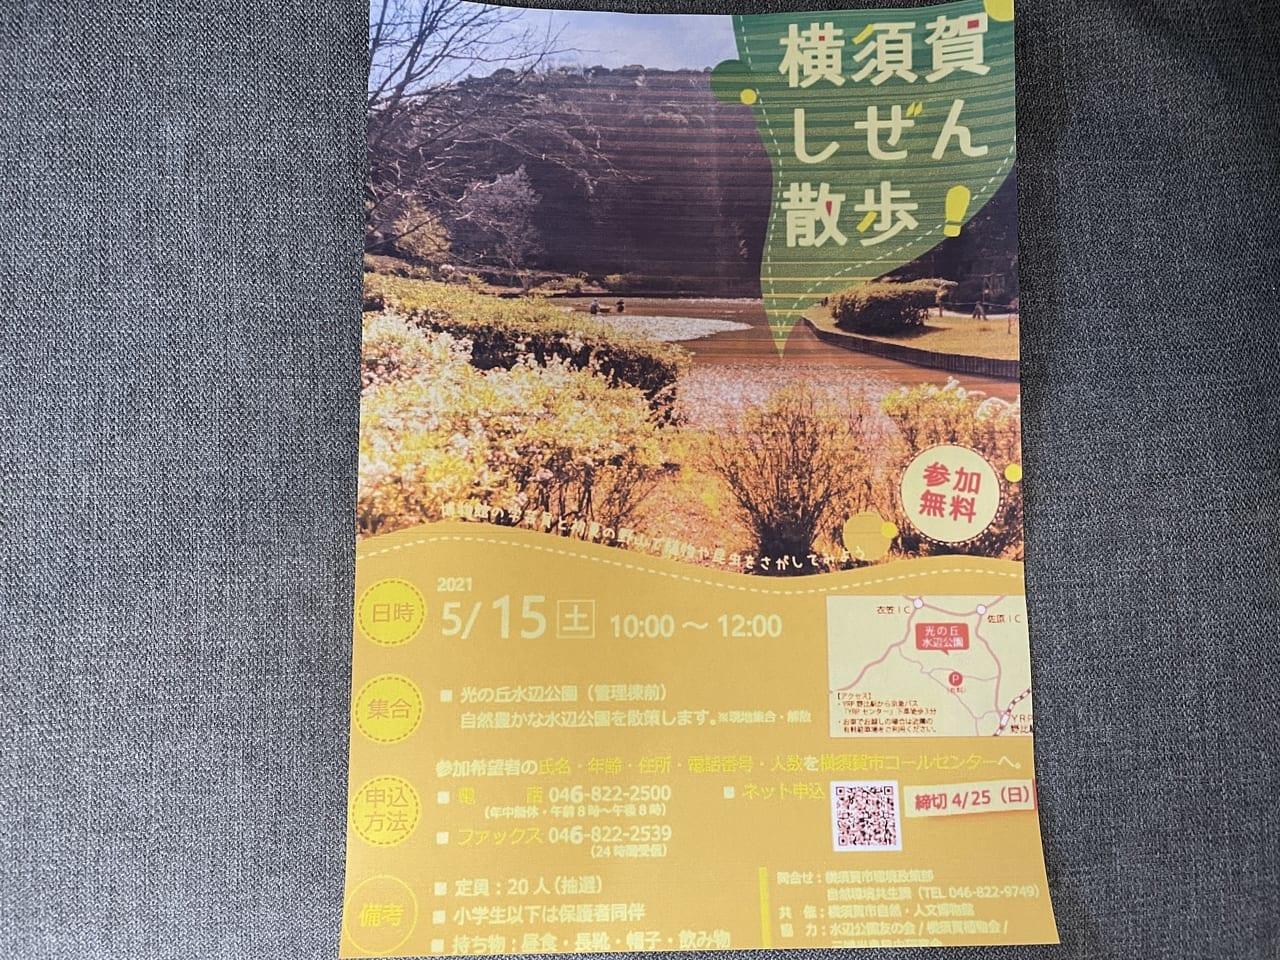 横須賀しぜん散策ポスター